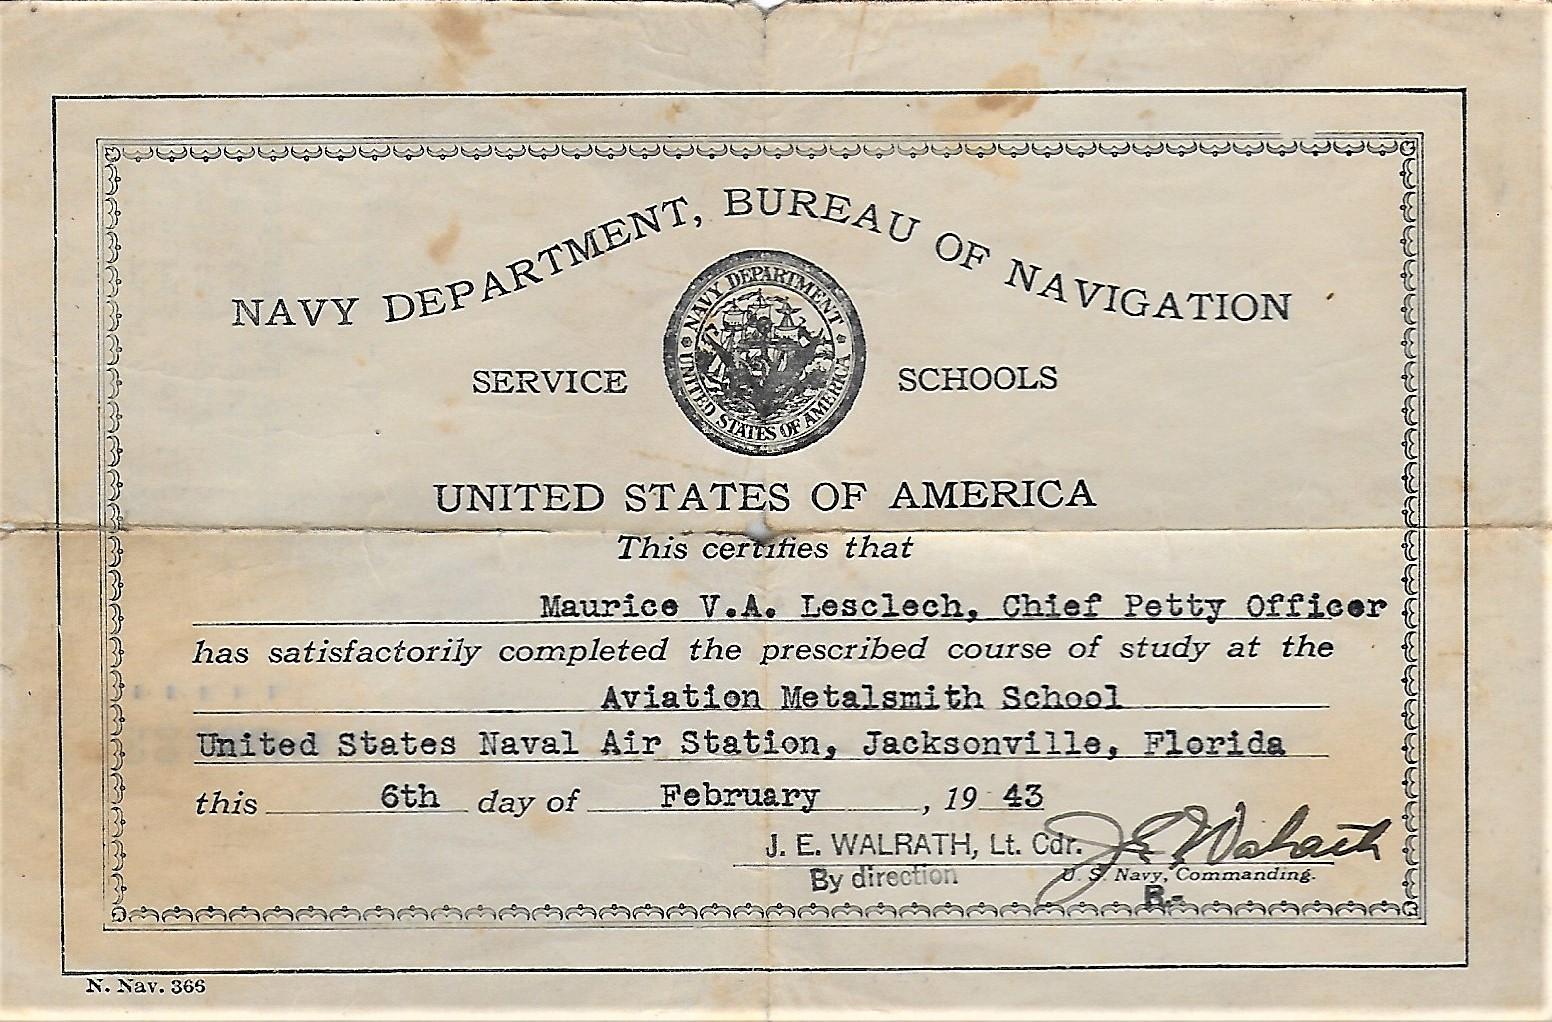 6 février 1943 - Certificat du stage de Maurice Lesclech aux USA- Copyright Jacques Lesclech